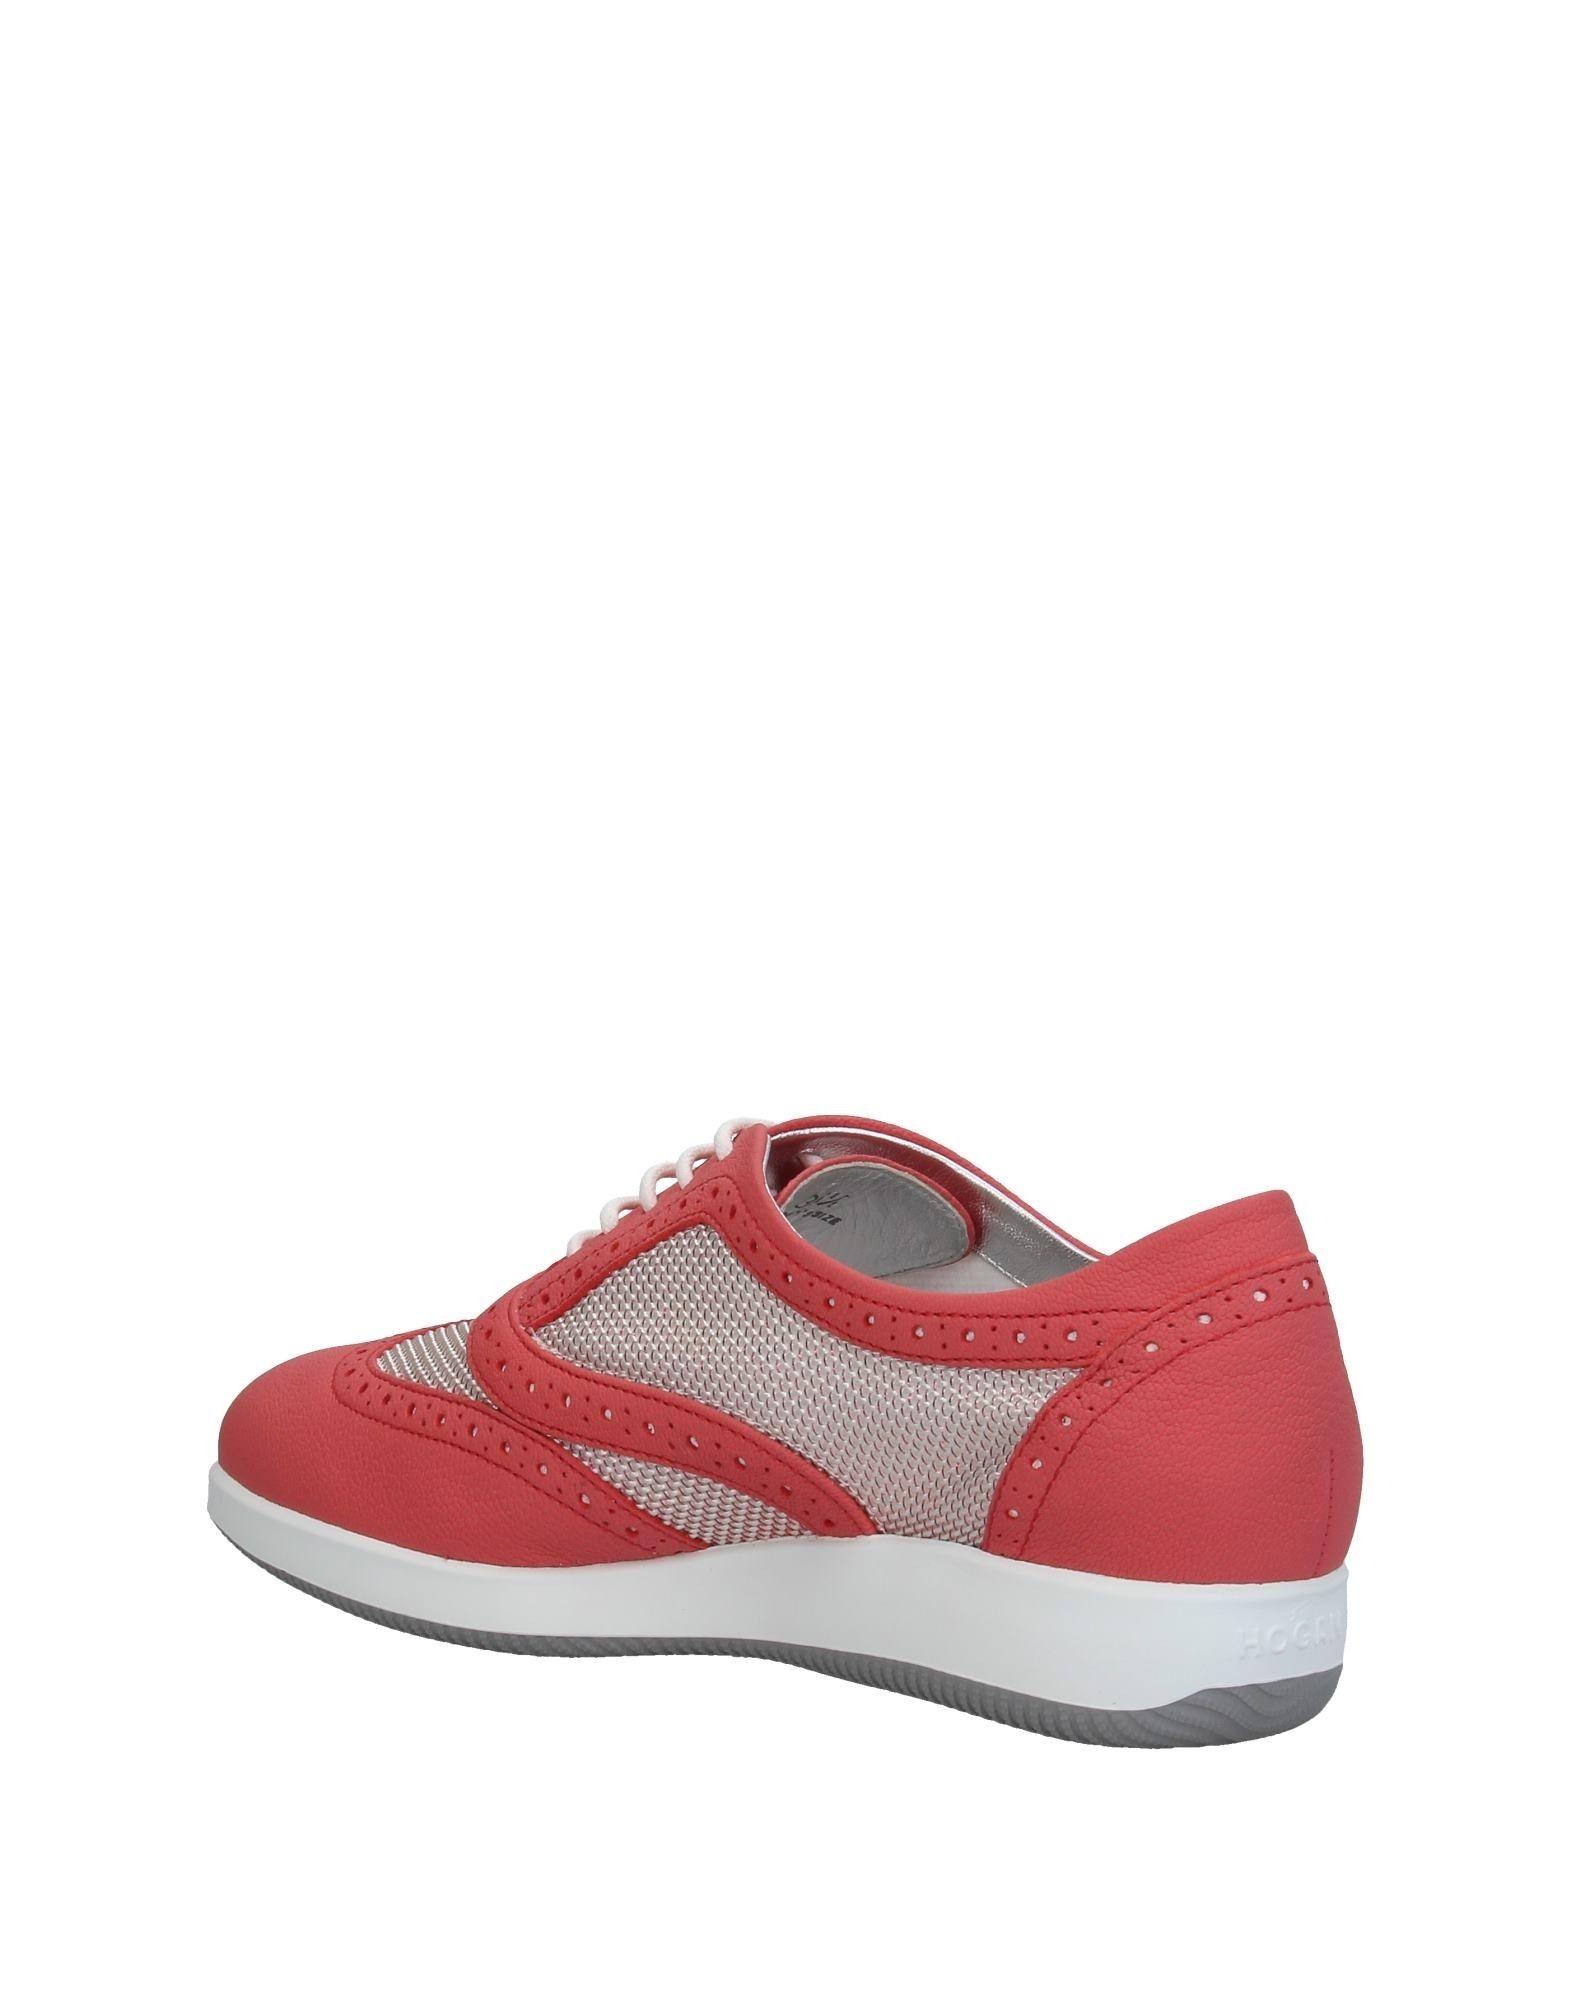 Stilvolle Hogan billige Schuhe Hogan Stilvolle Schnürschuhe Damen  11395761TO bfda87